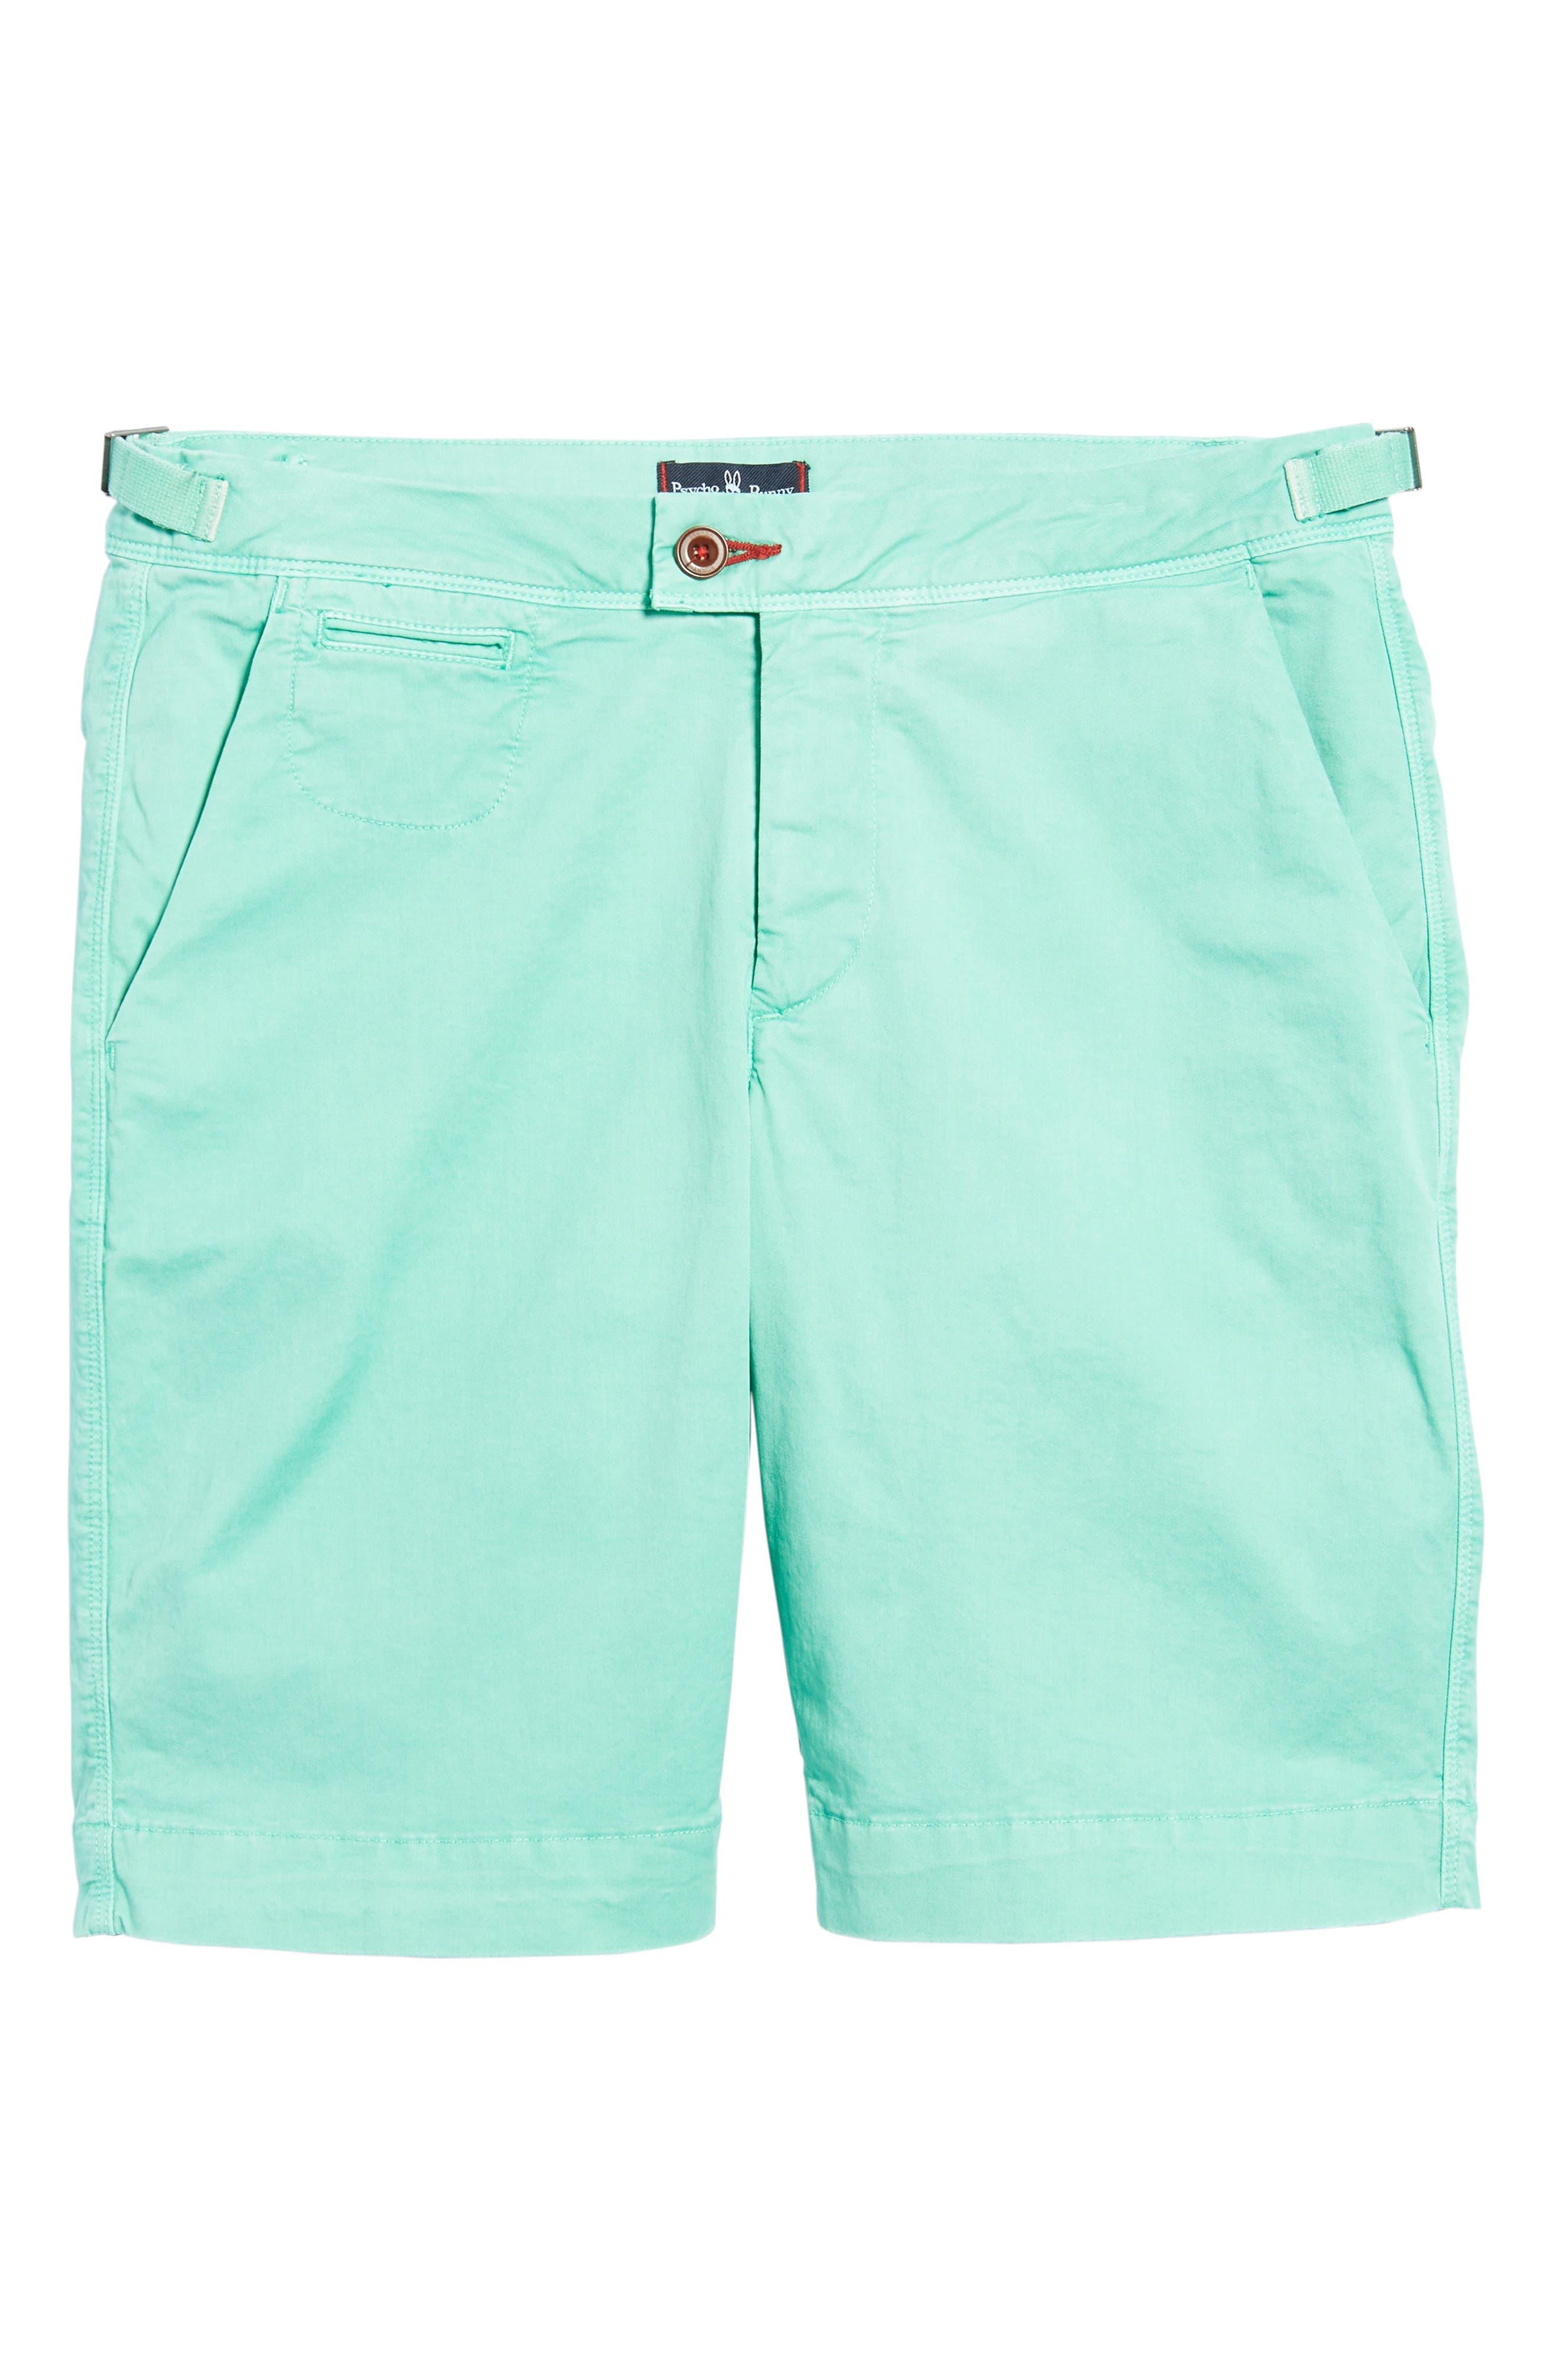 Triumph Shorts,                             Alternate thumbnail 75, color,